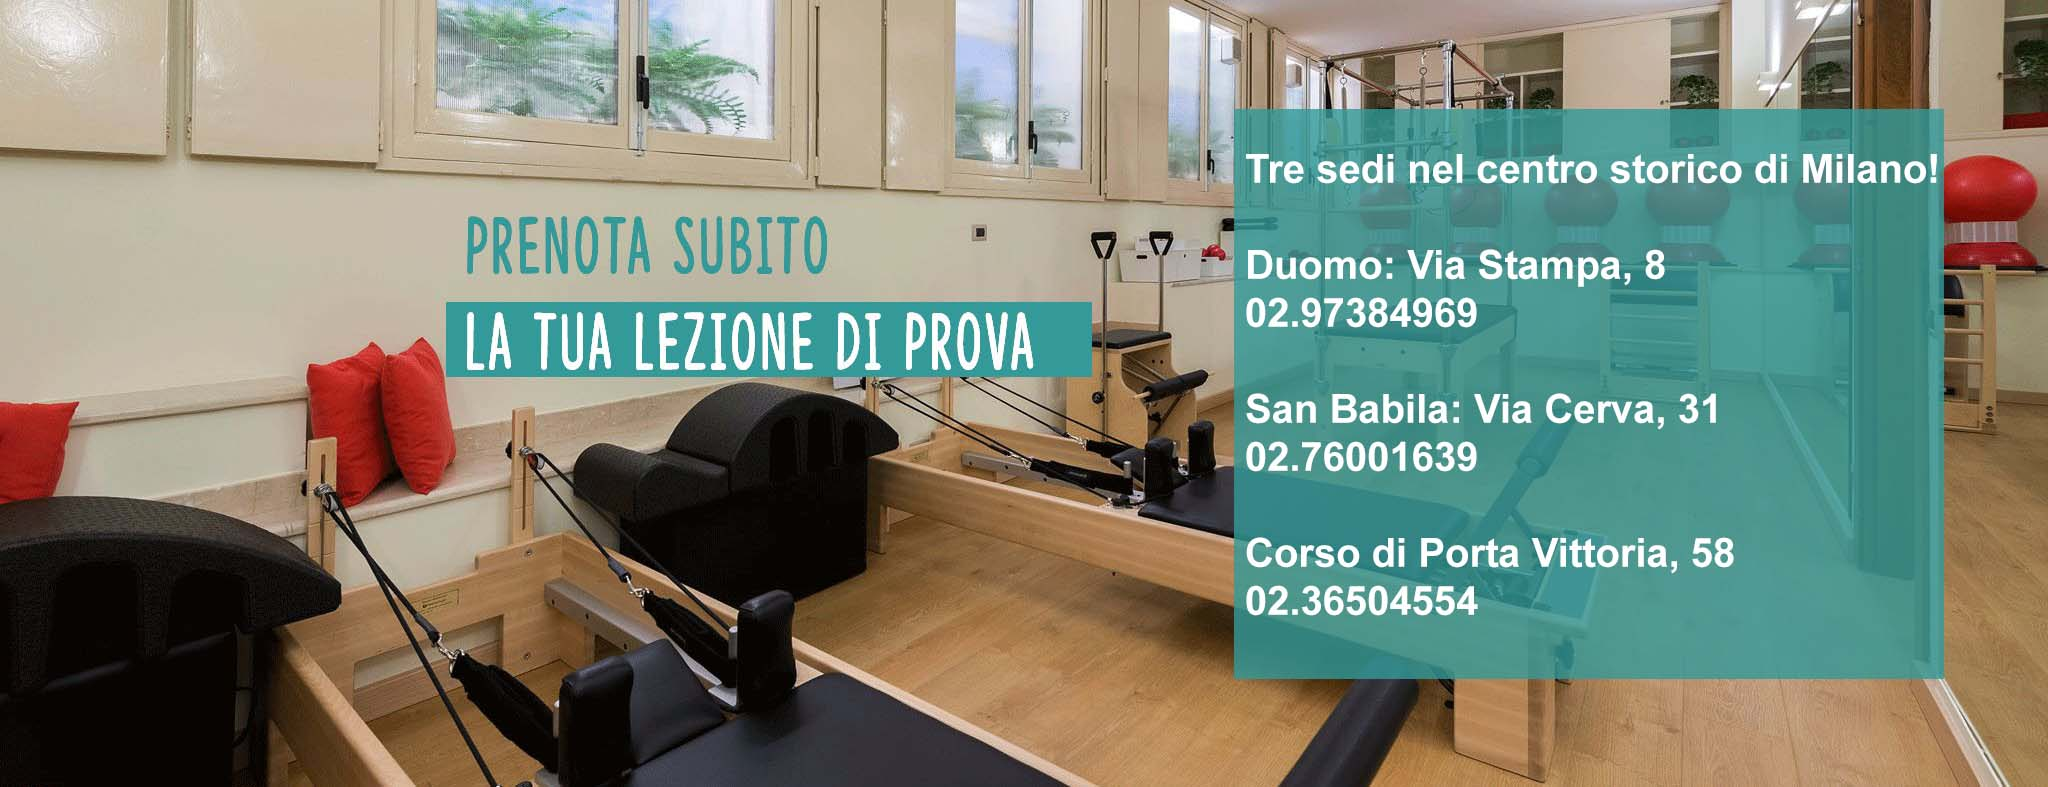 Palestra Pilates Via Eustachi Milano - Prenota subito la tua lezione di prova